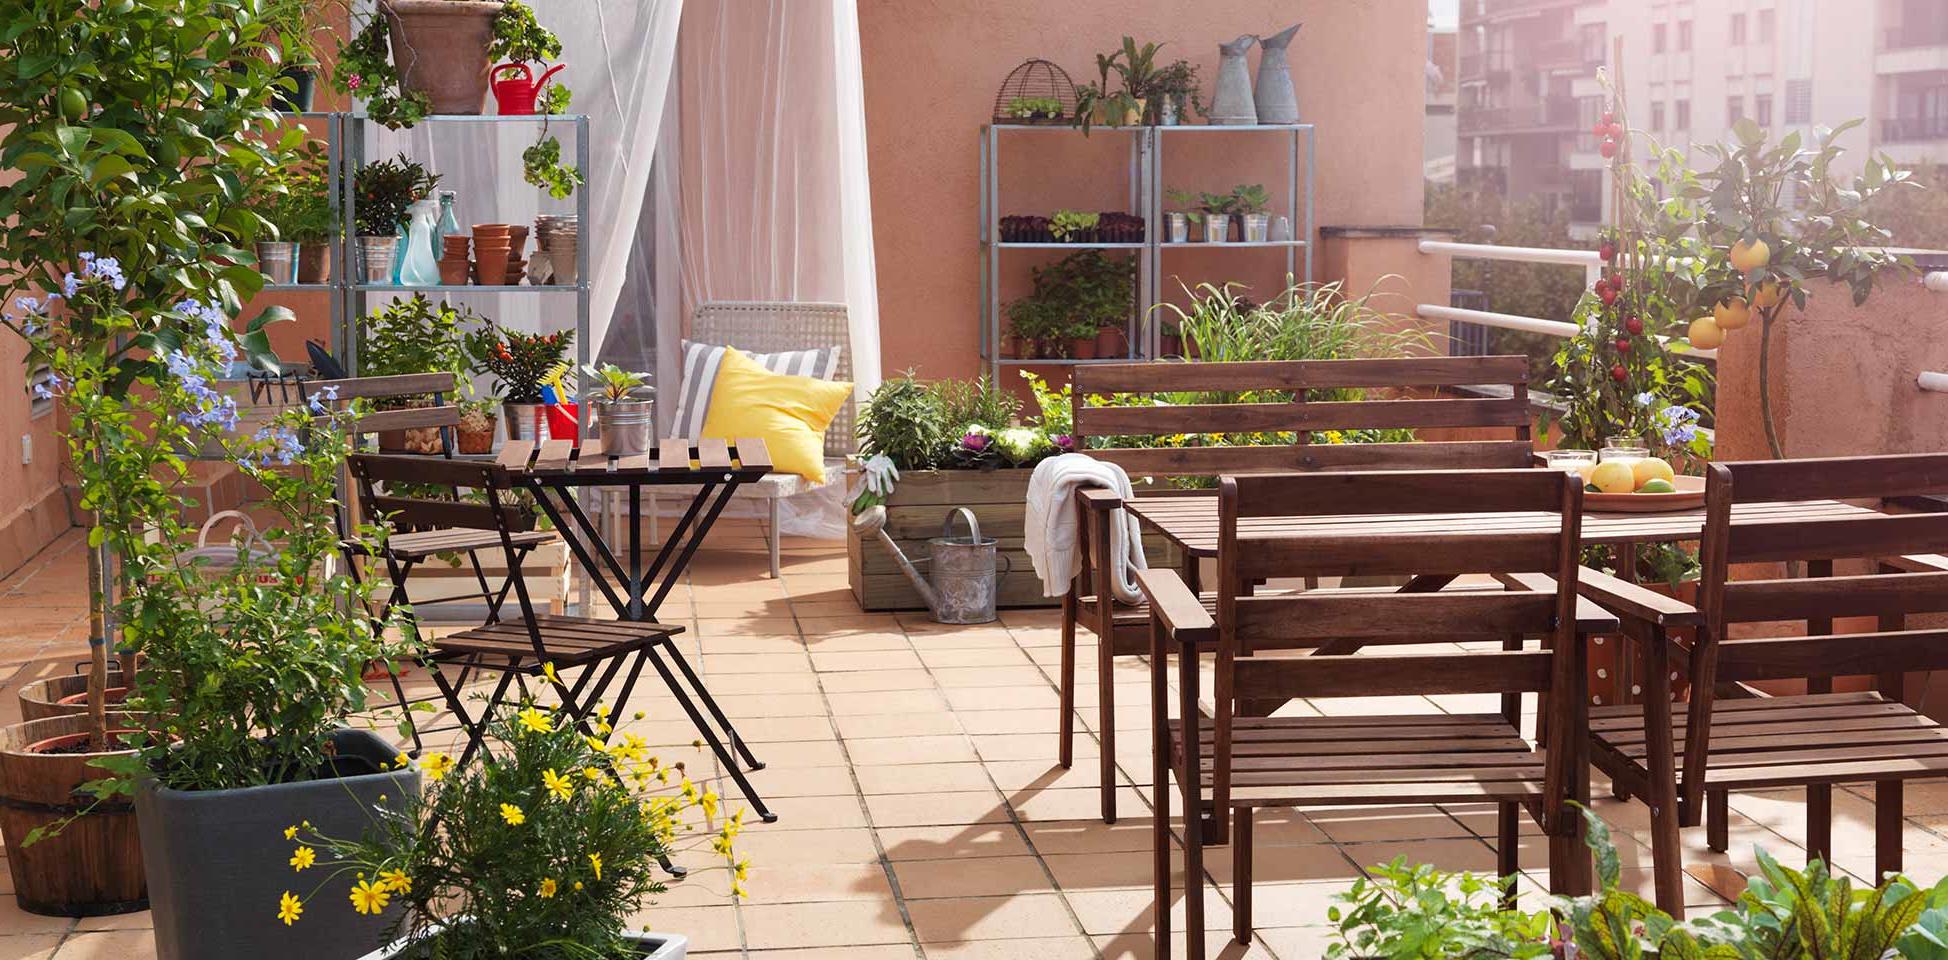 L'idée d'un jardin sur la terrasse avec des meubles d'Ikea